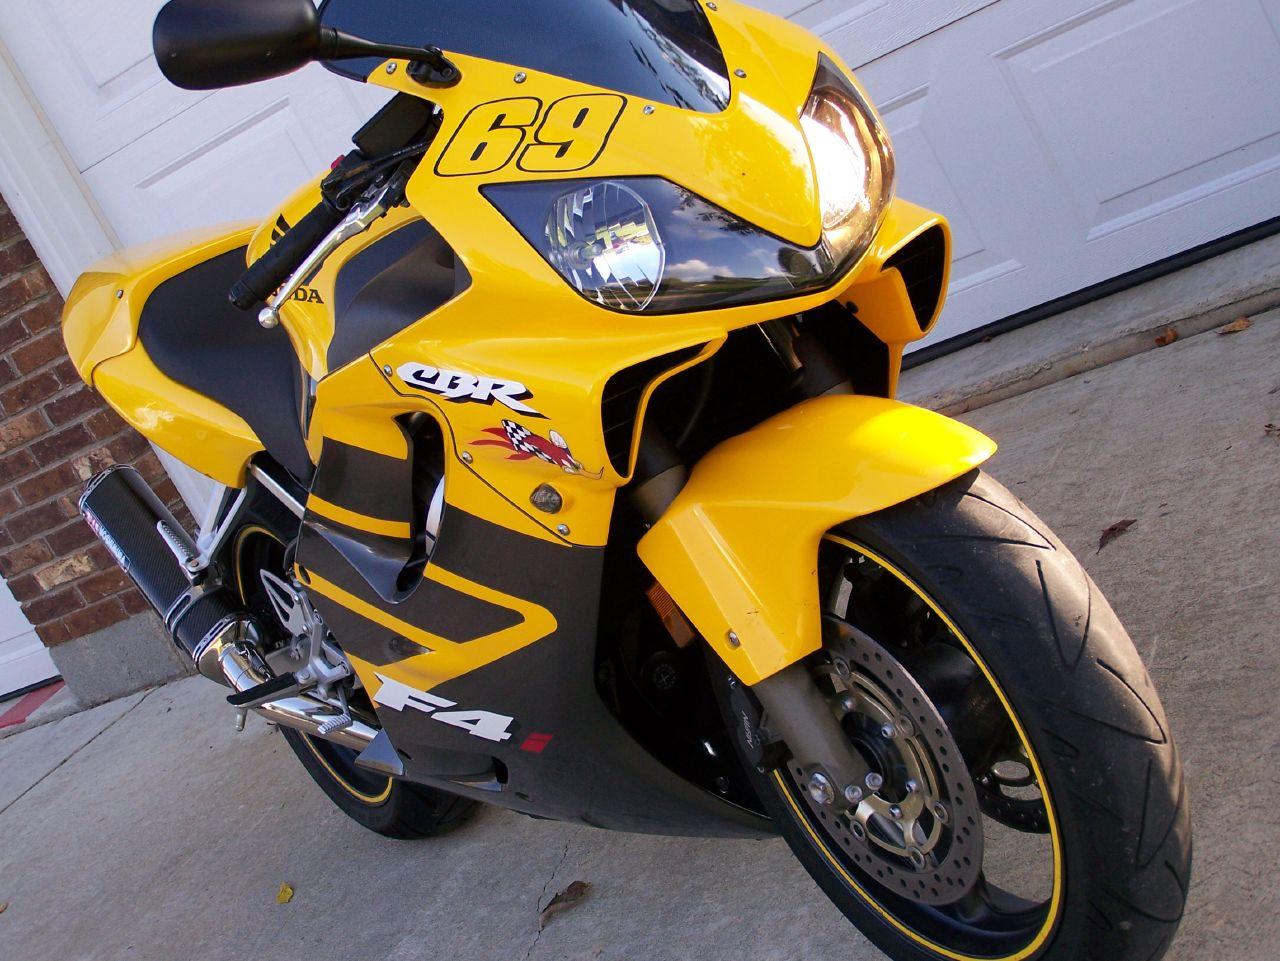 Pics of my bike 1492216116_4d63f2d8d9_o